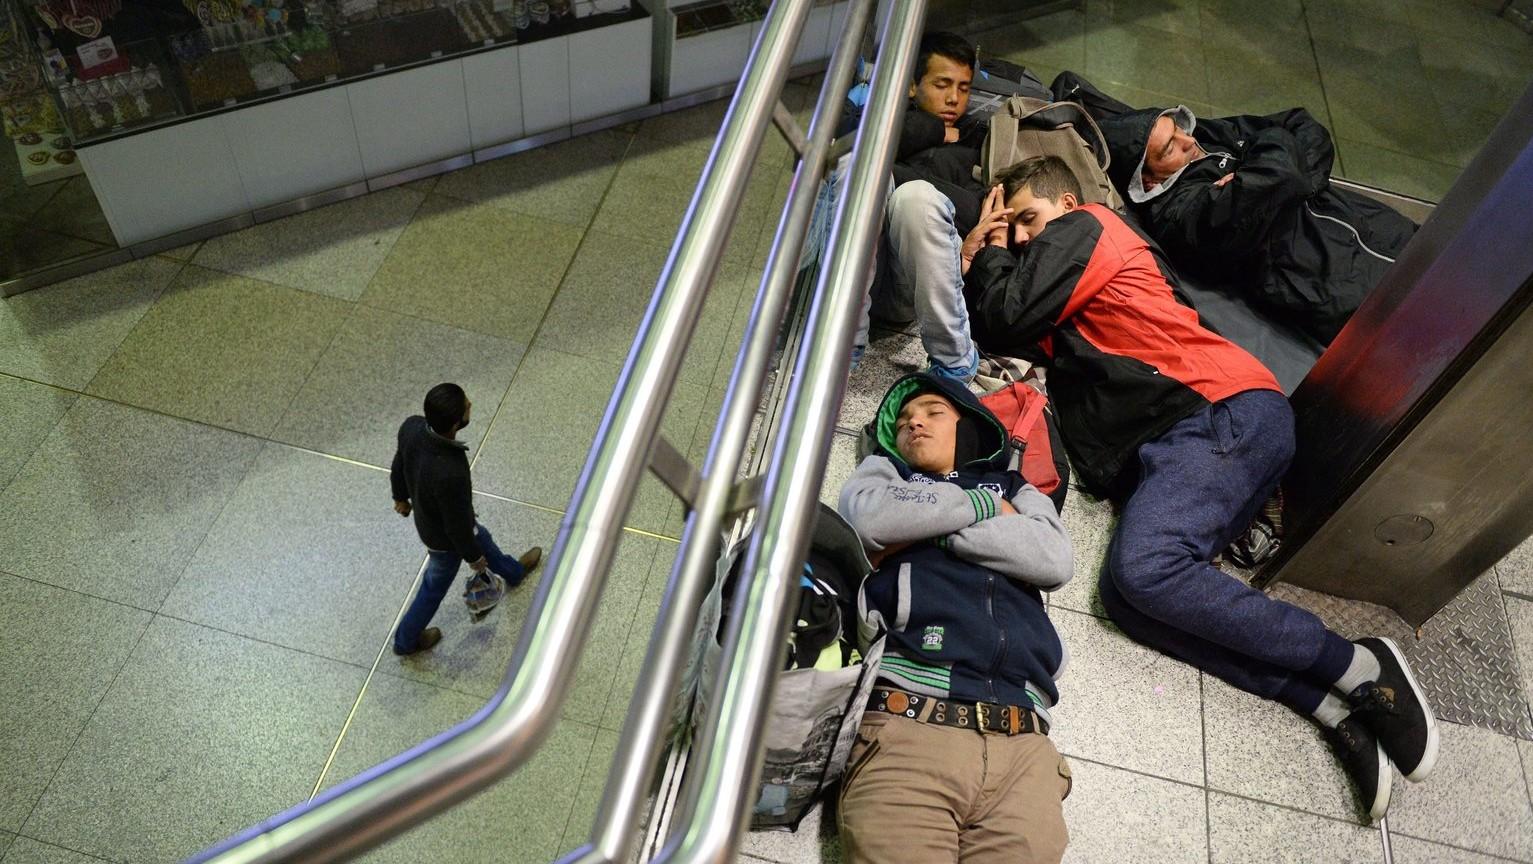 Magyarországról Ausztrián keresztül Németországba érkezett illegális bevándorlók alszanak a müncheni főpályaudvaron – képünk illusztráció (MTI/EPA/Andreas Gebert)